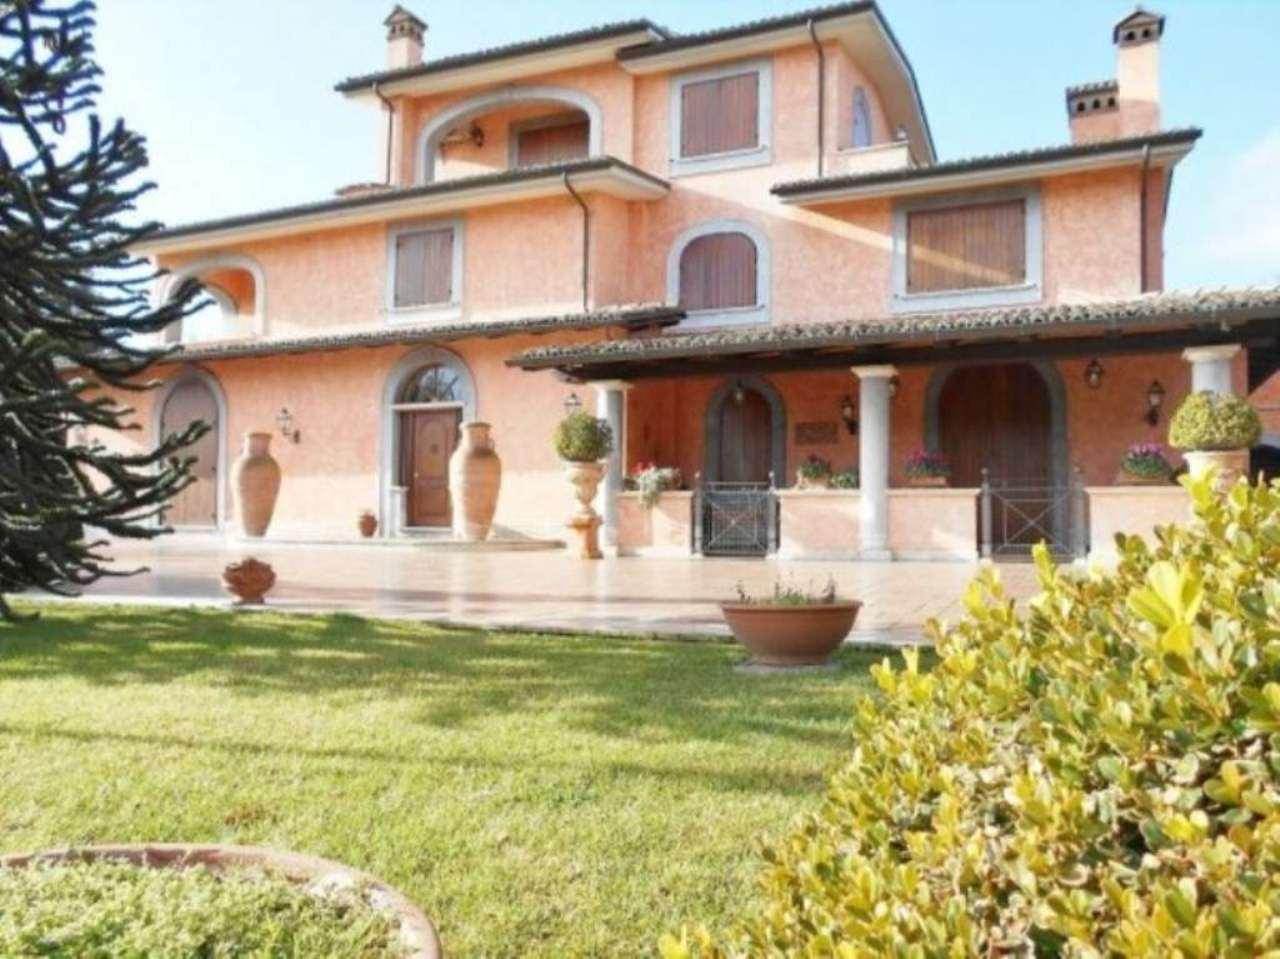 Villa in vendita a San Cesareo, 9 locali, Trattative riservate | CambioCasa.it